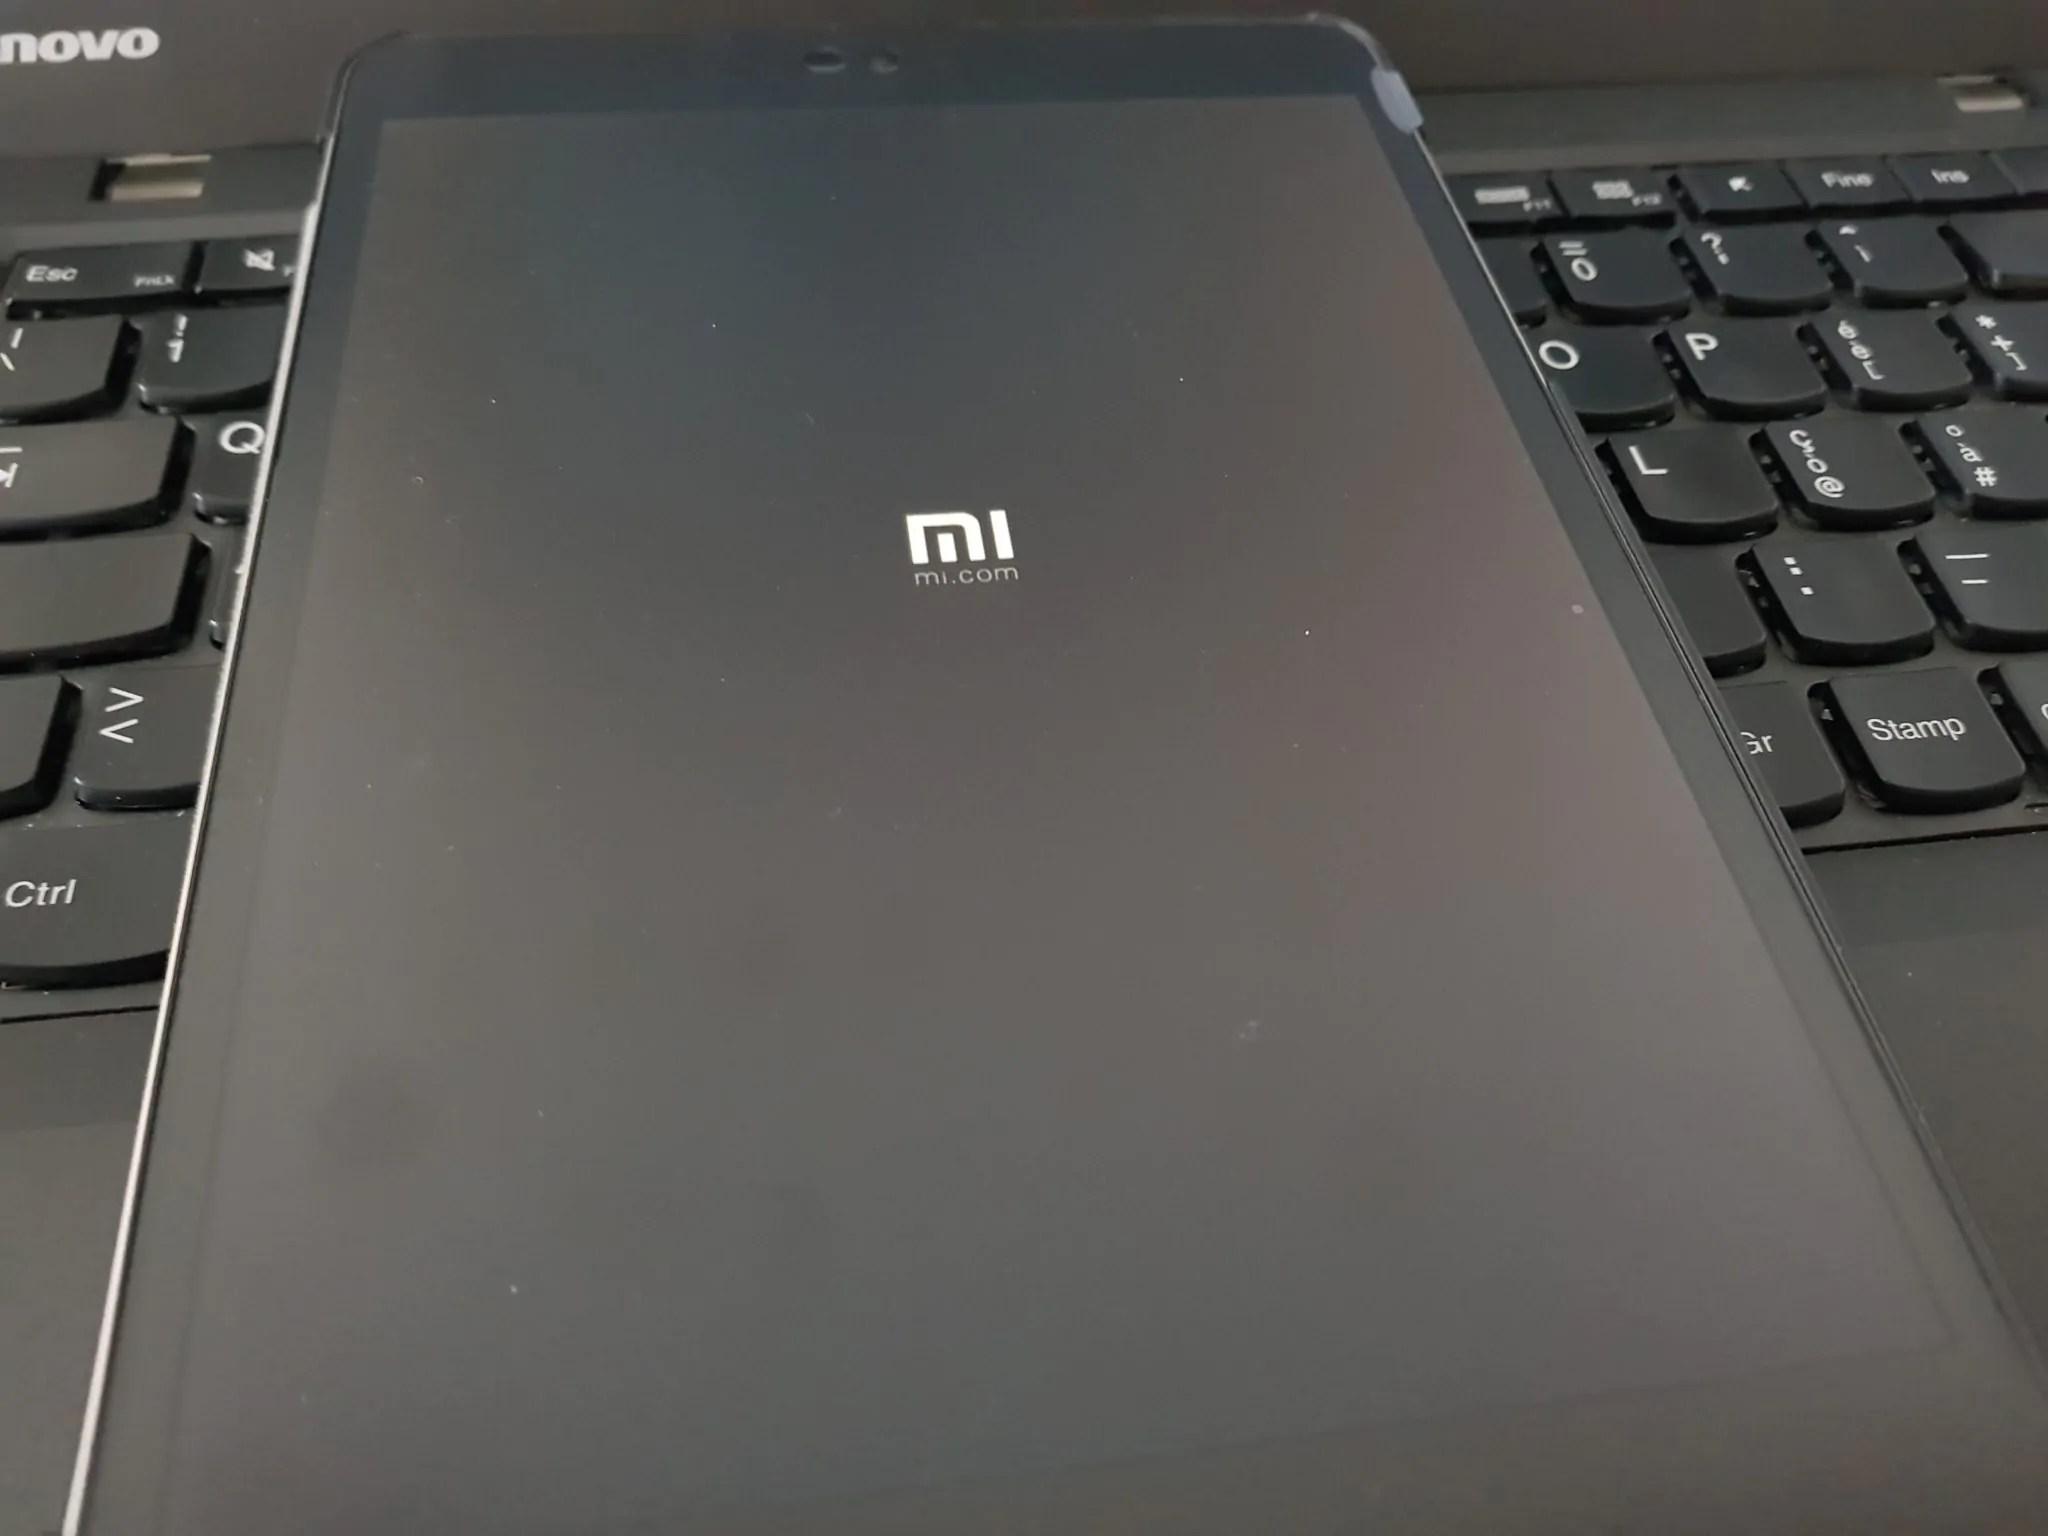 Xiaomi Mi Pad 3: cambiare il firmware per ottenere la lingua italiana 15